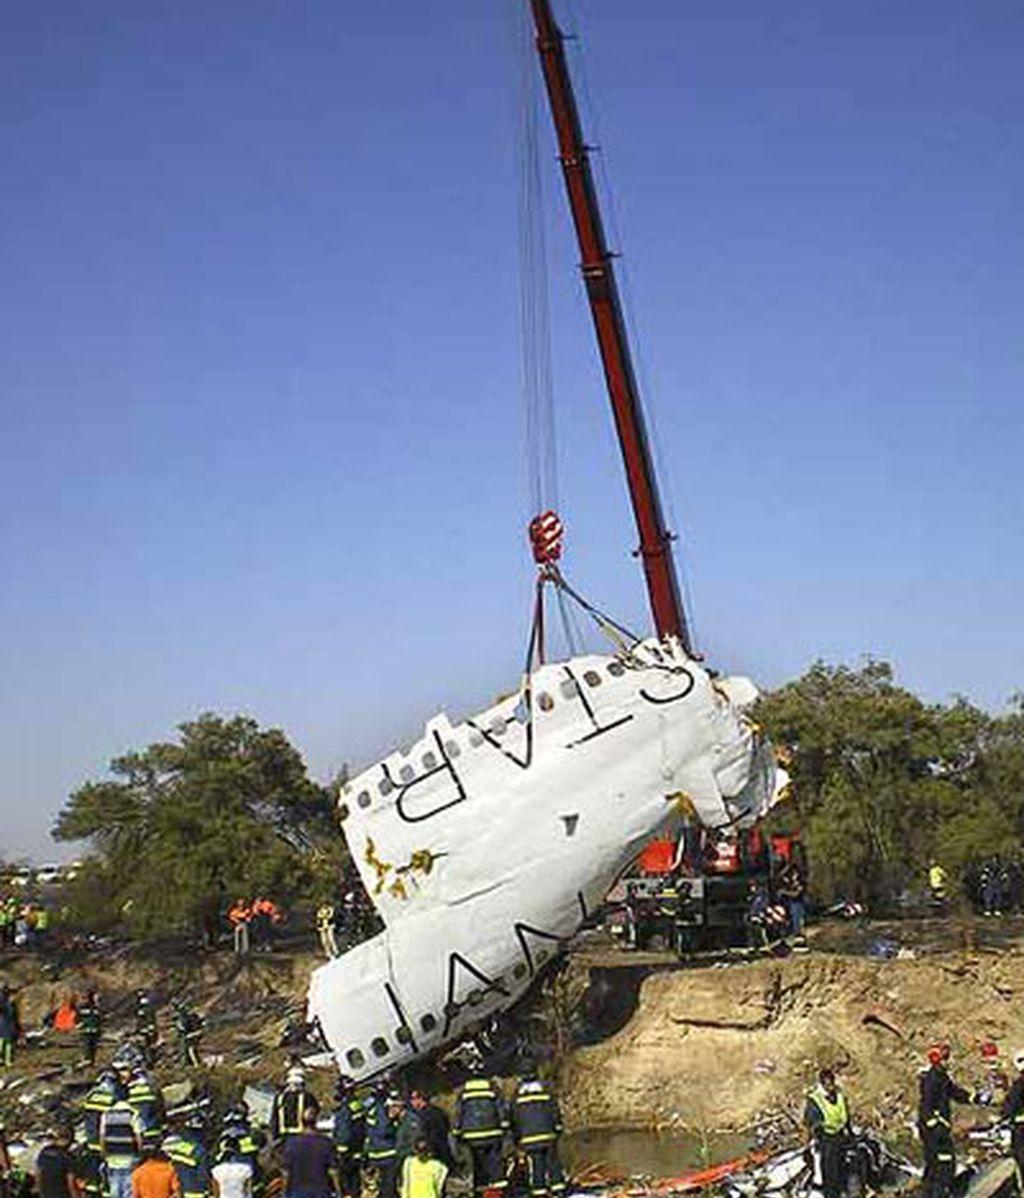 Estado del avión tras el accidente. EFE